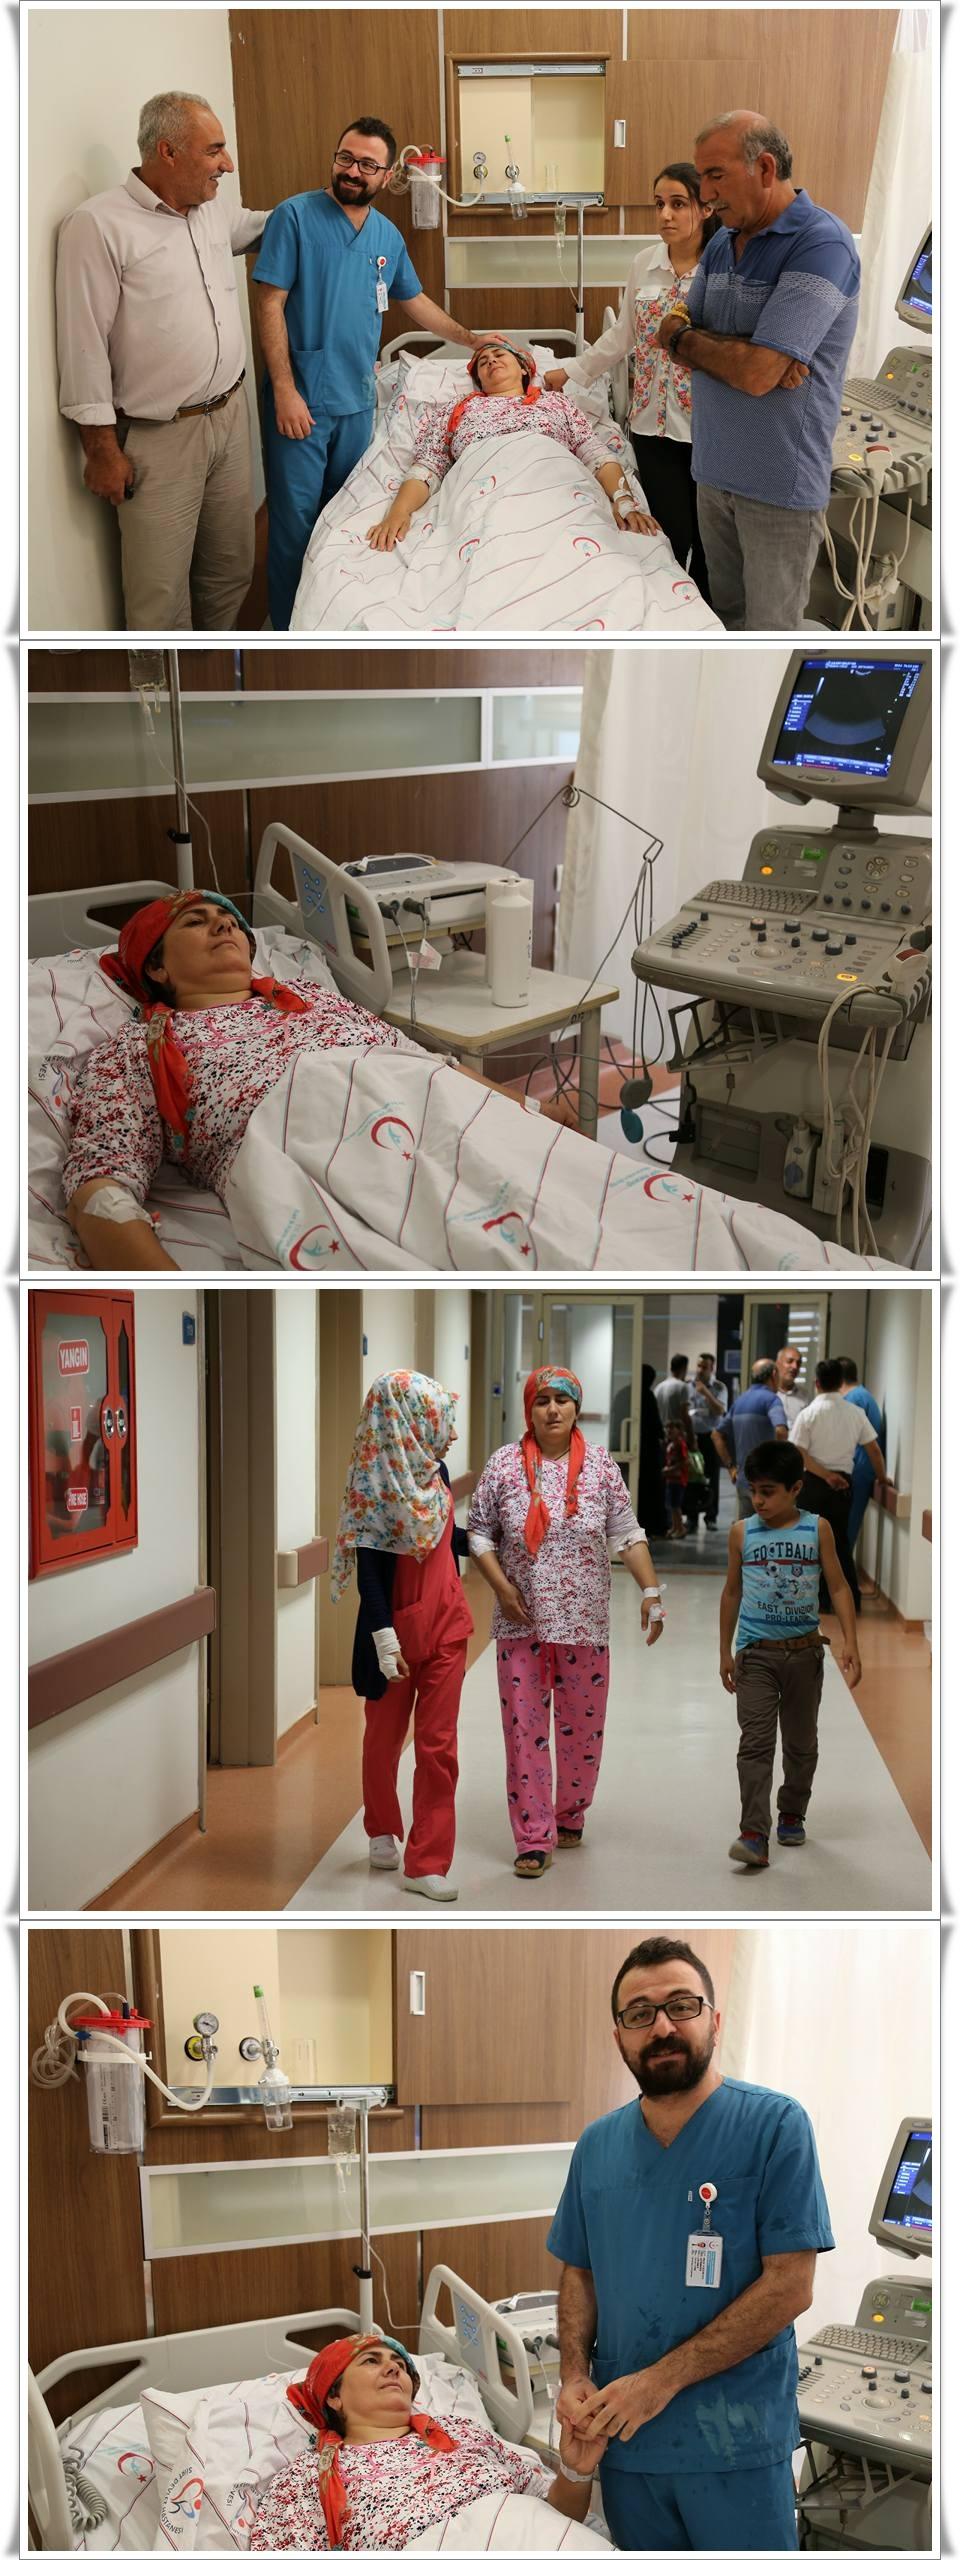 Siirt'te İlk Kez Kapalı Rahim Ameliyatı Gerçekleştirildi (1)-vert